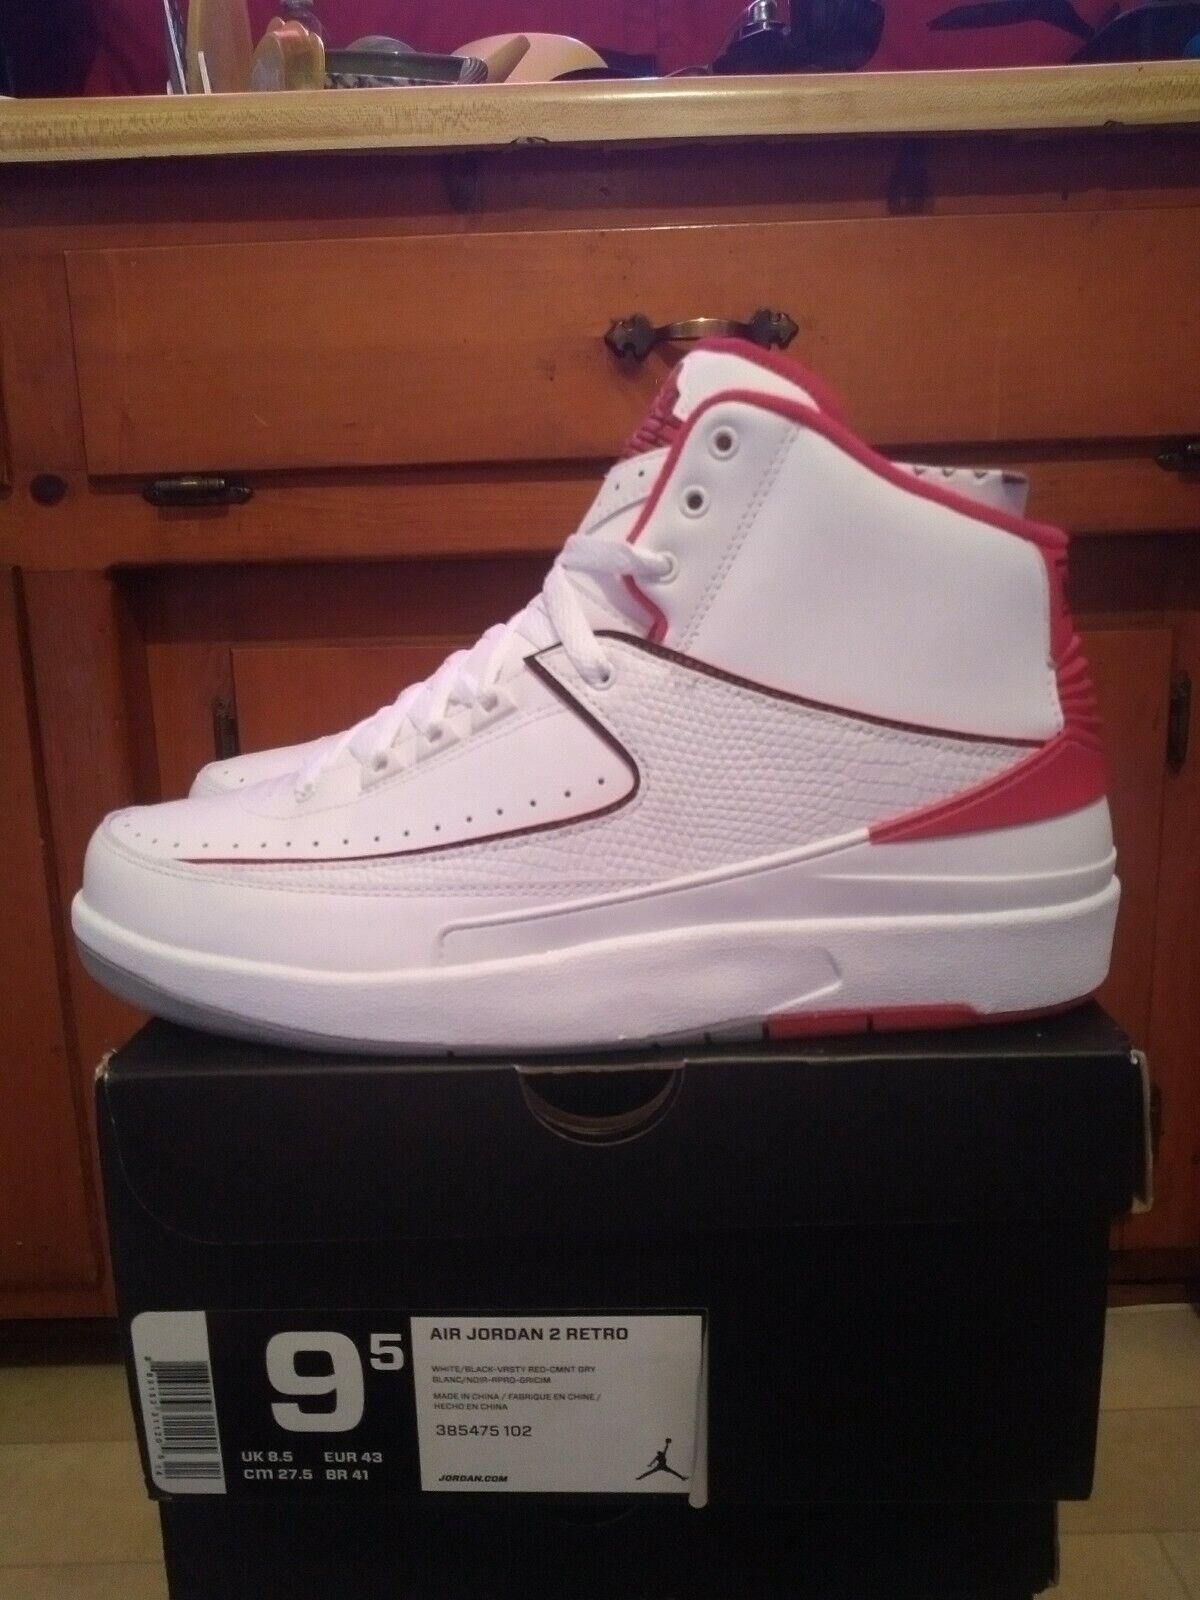 Jordan 2 Cemento blancoo Rojo Universitario tamaño 9.5 DS